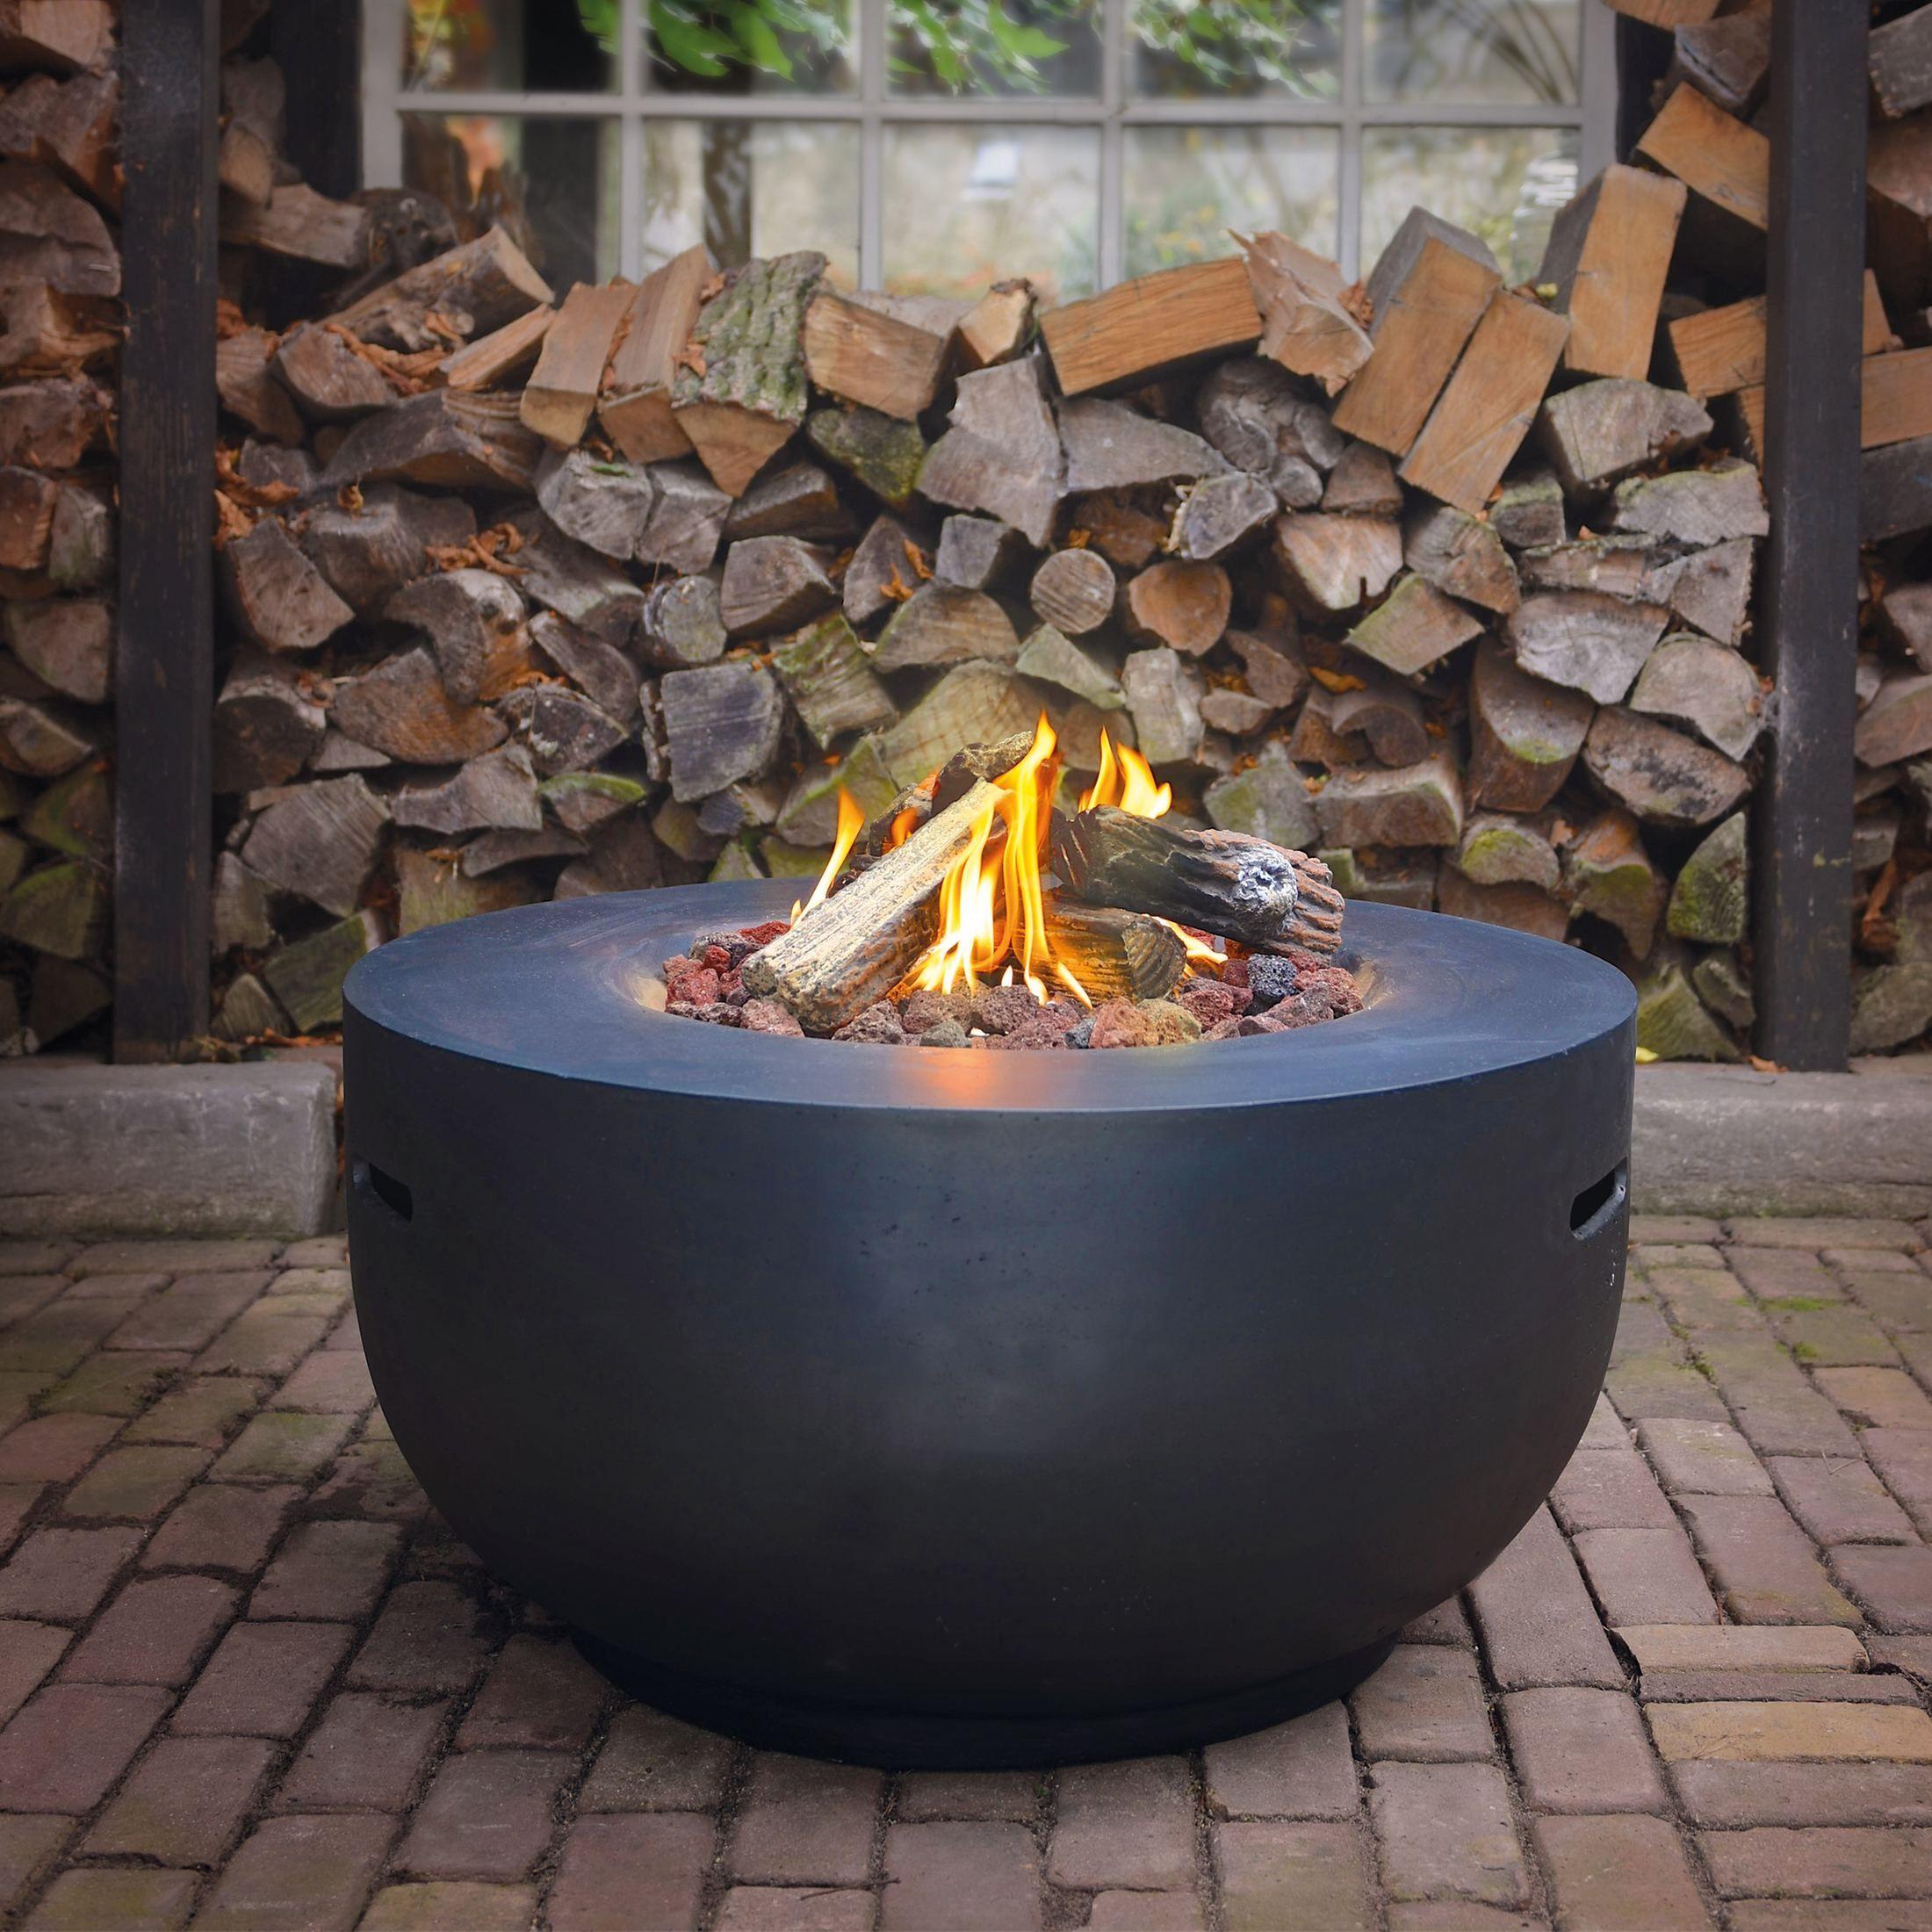 Gemutliches Feuer Auf Knopfdruck Gas Feuerstelle Mit Lavasteinen Holzscheiten Feuertisch Gas Feuerstelle Feuerstelle Kochen